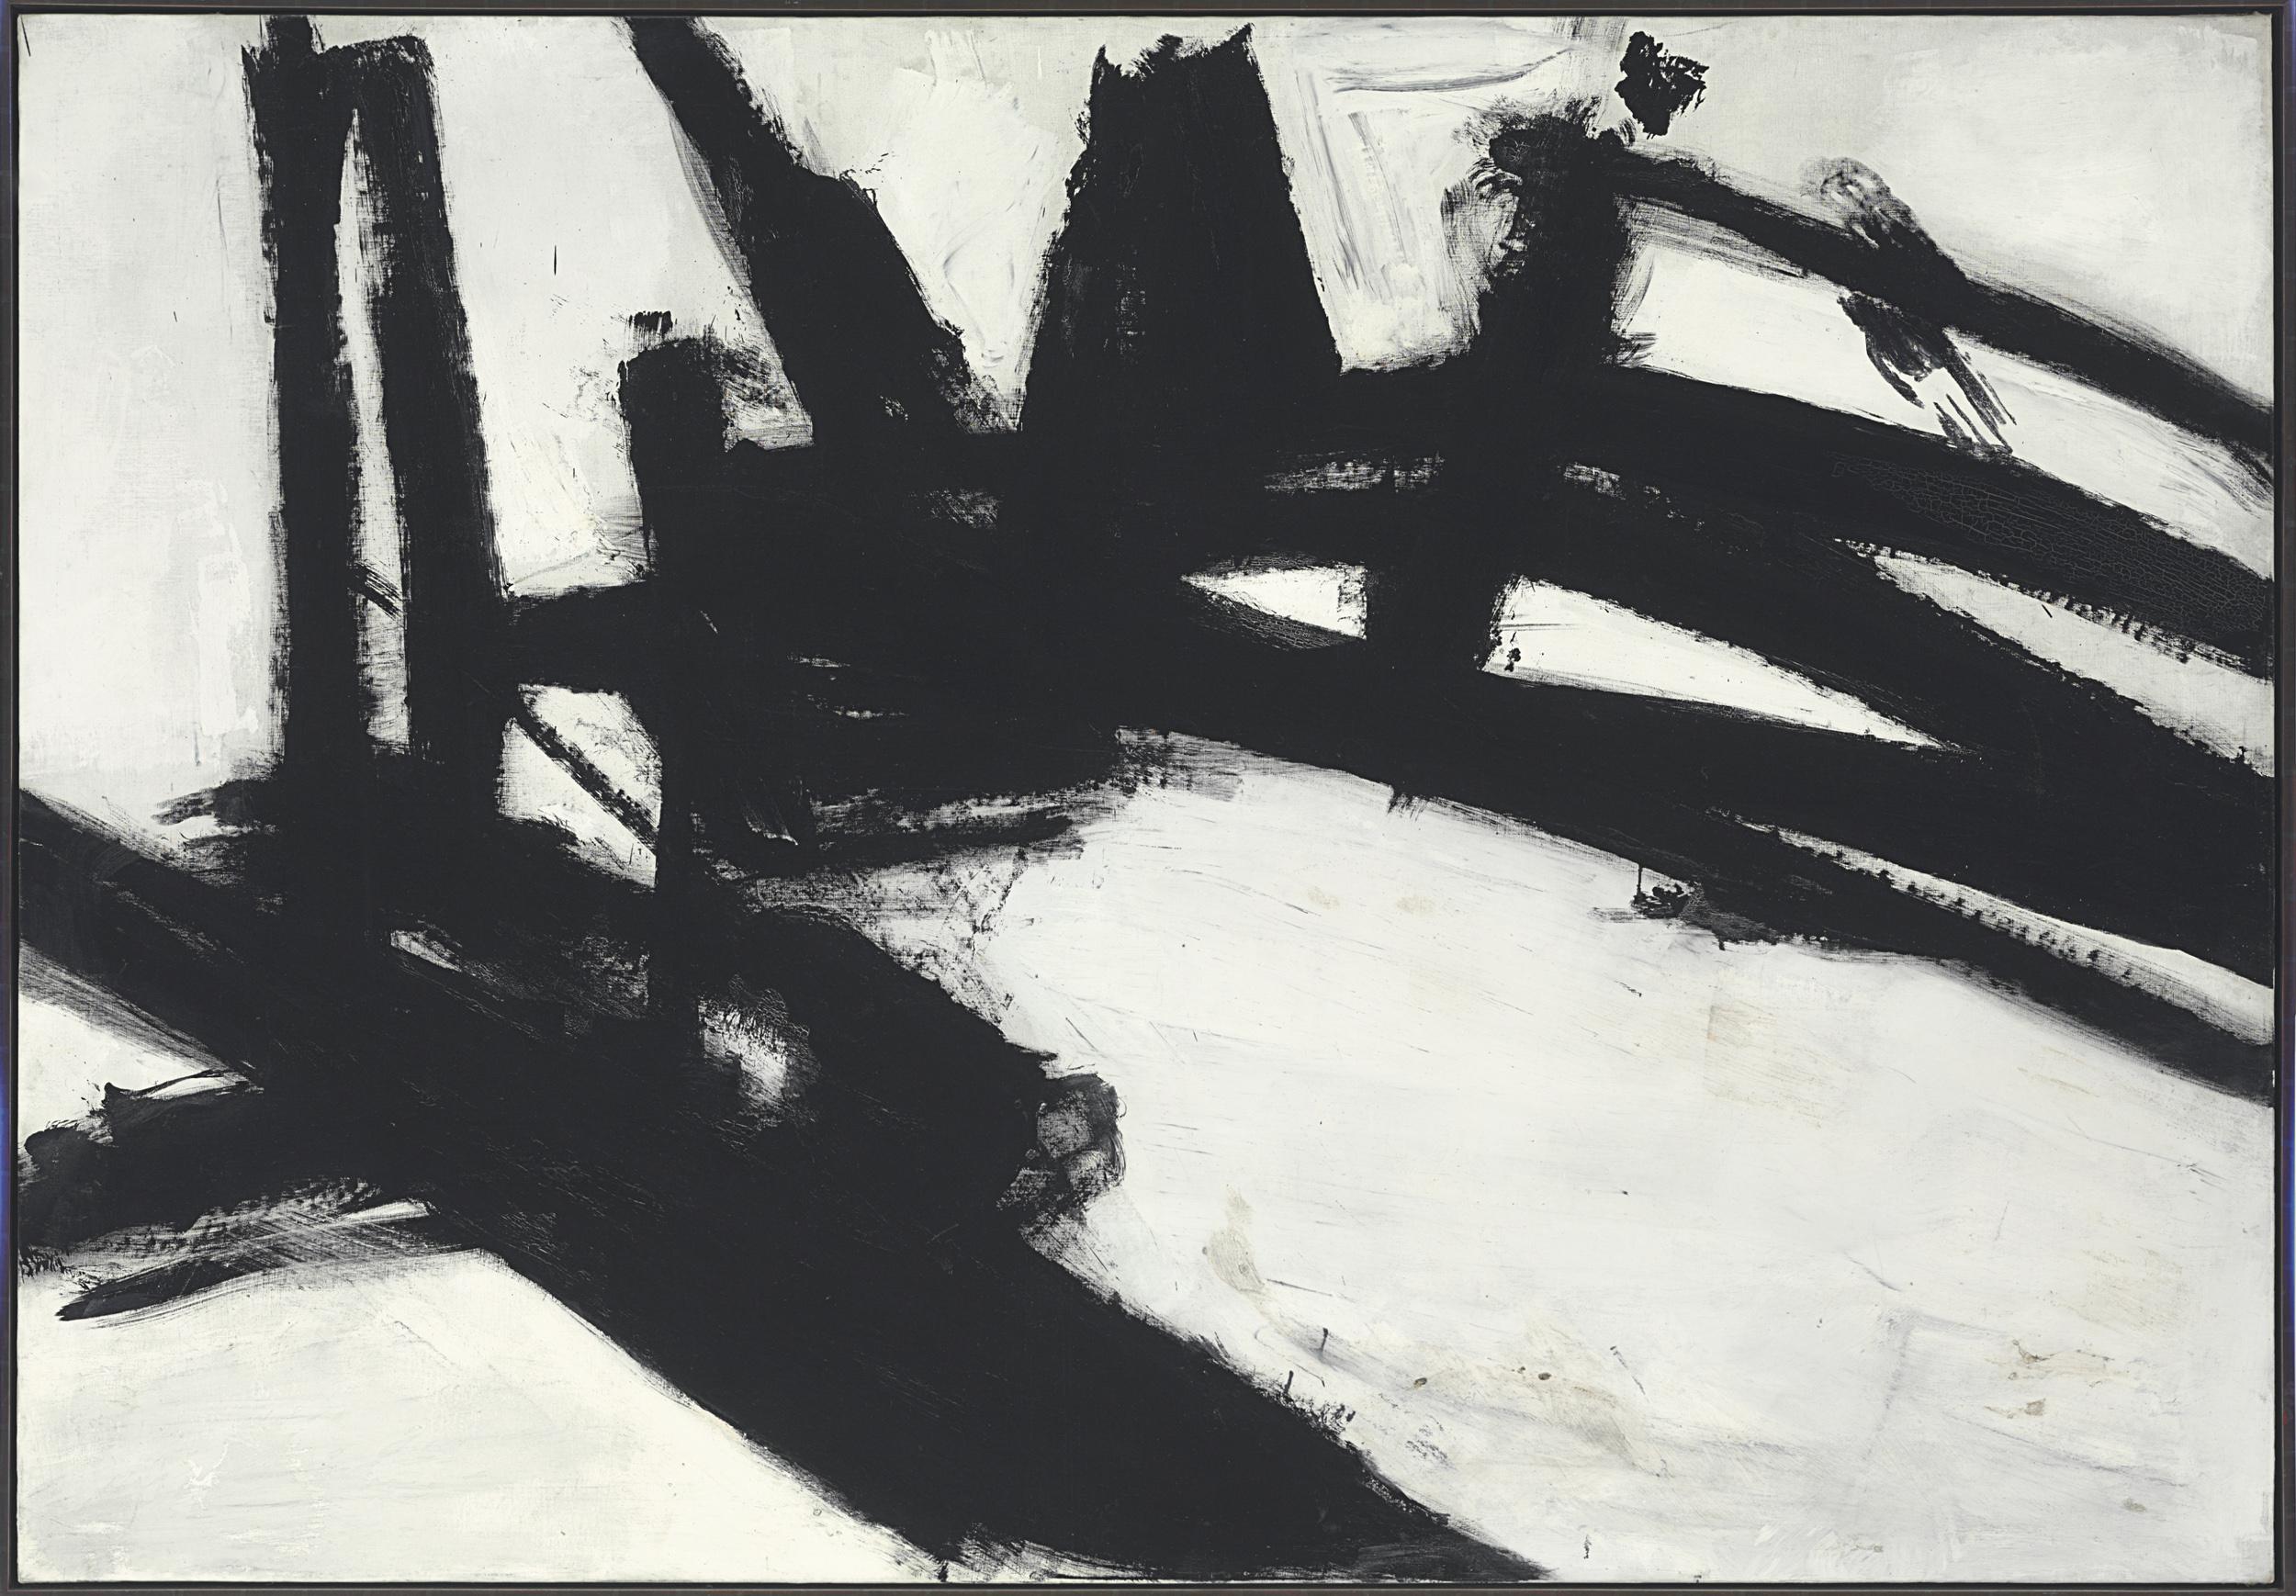 Franz Kline, Untitled, 1957.